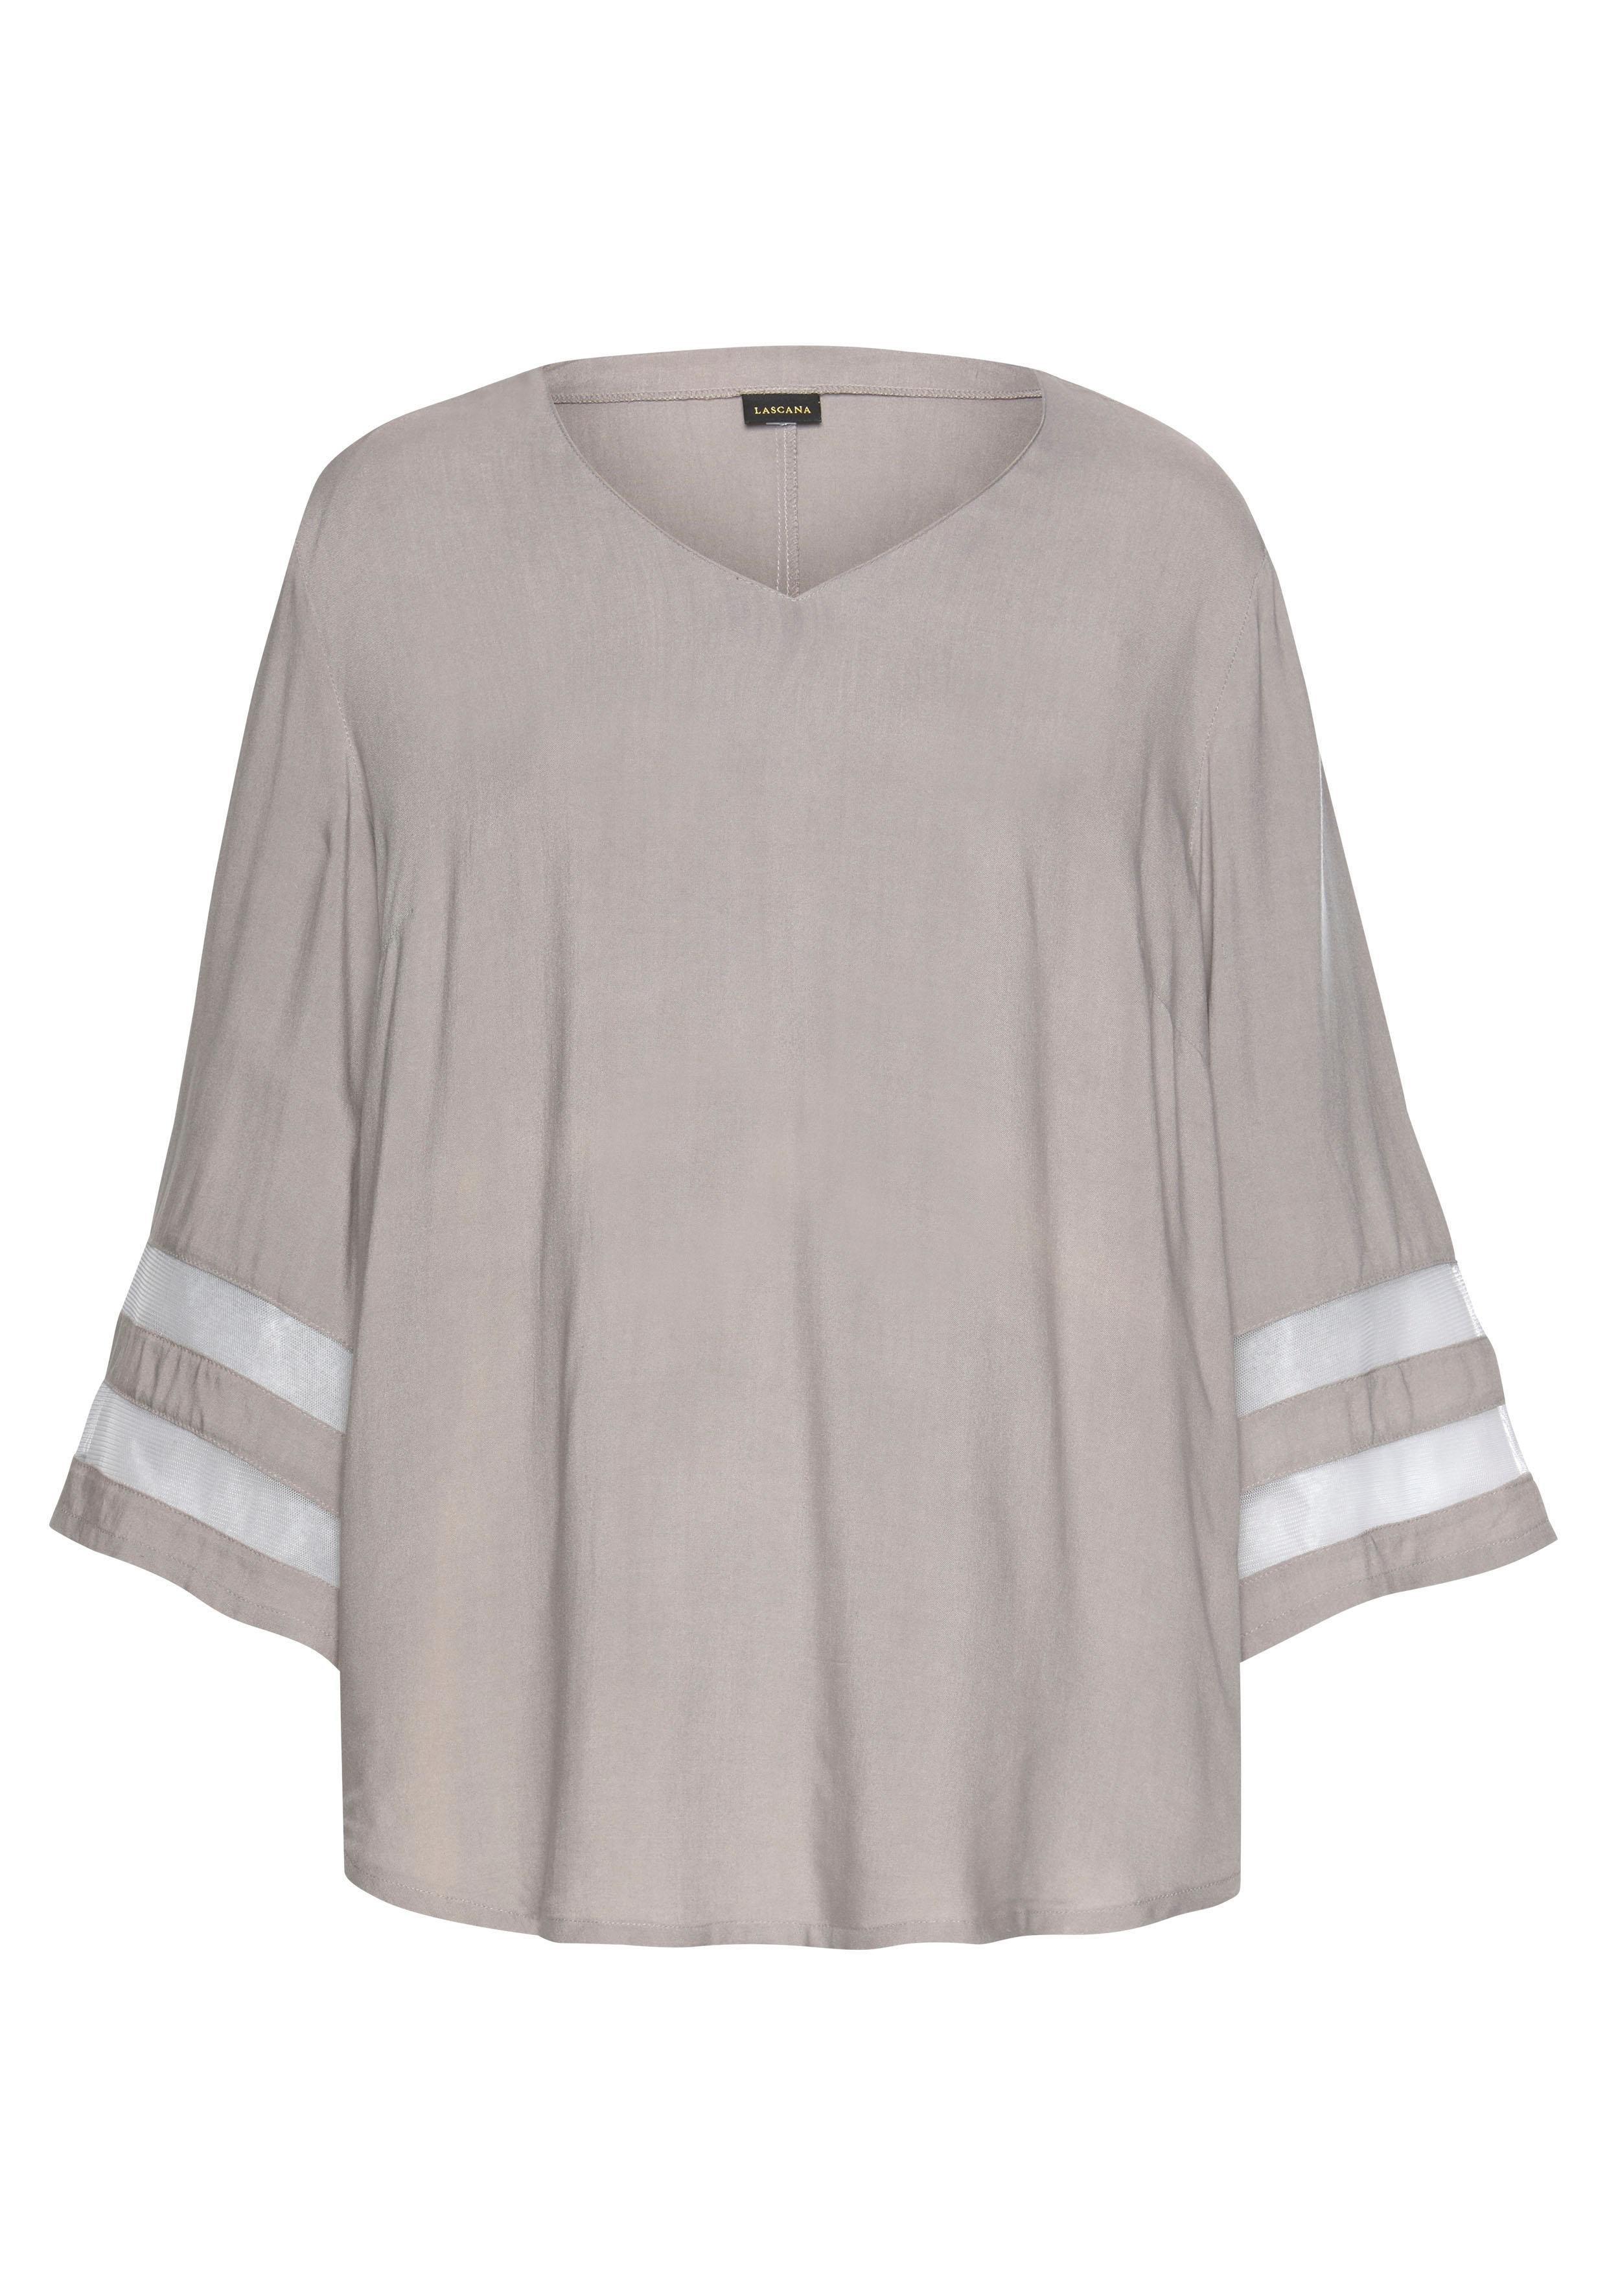 LASCANA blouse zonder sluiting online kopen op lascana.nl